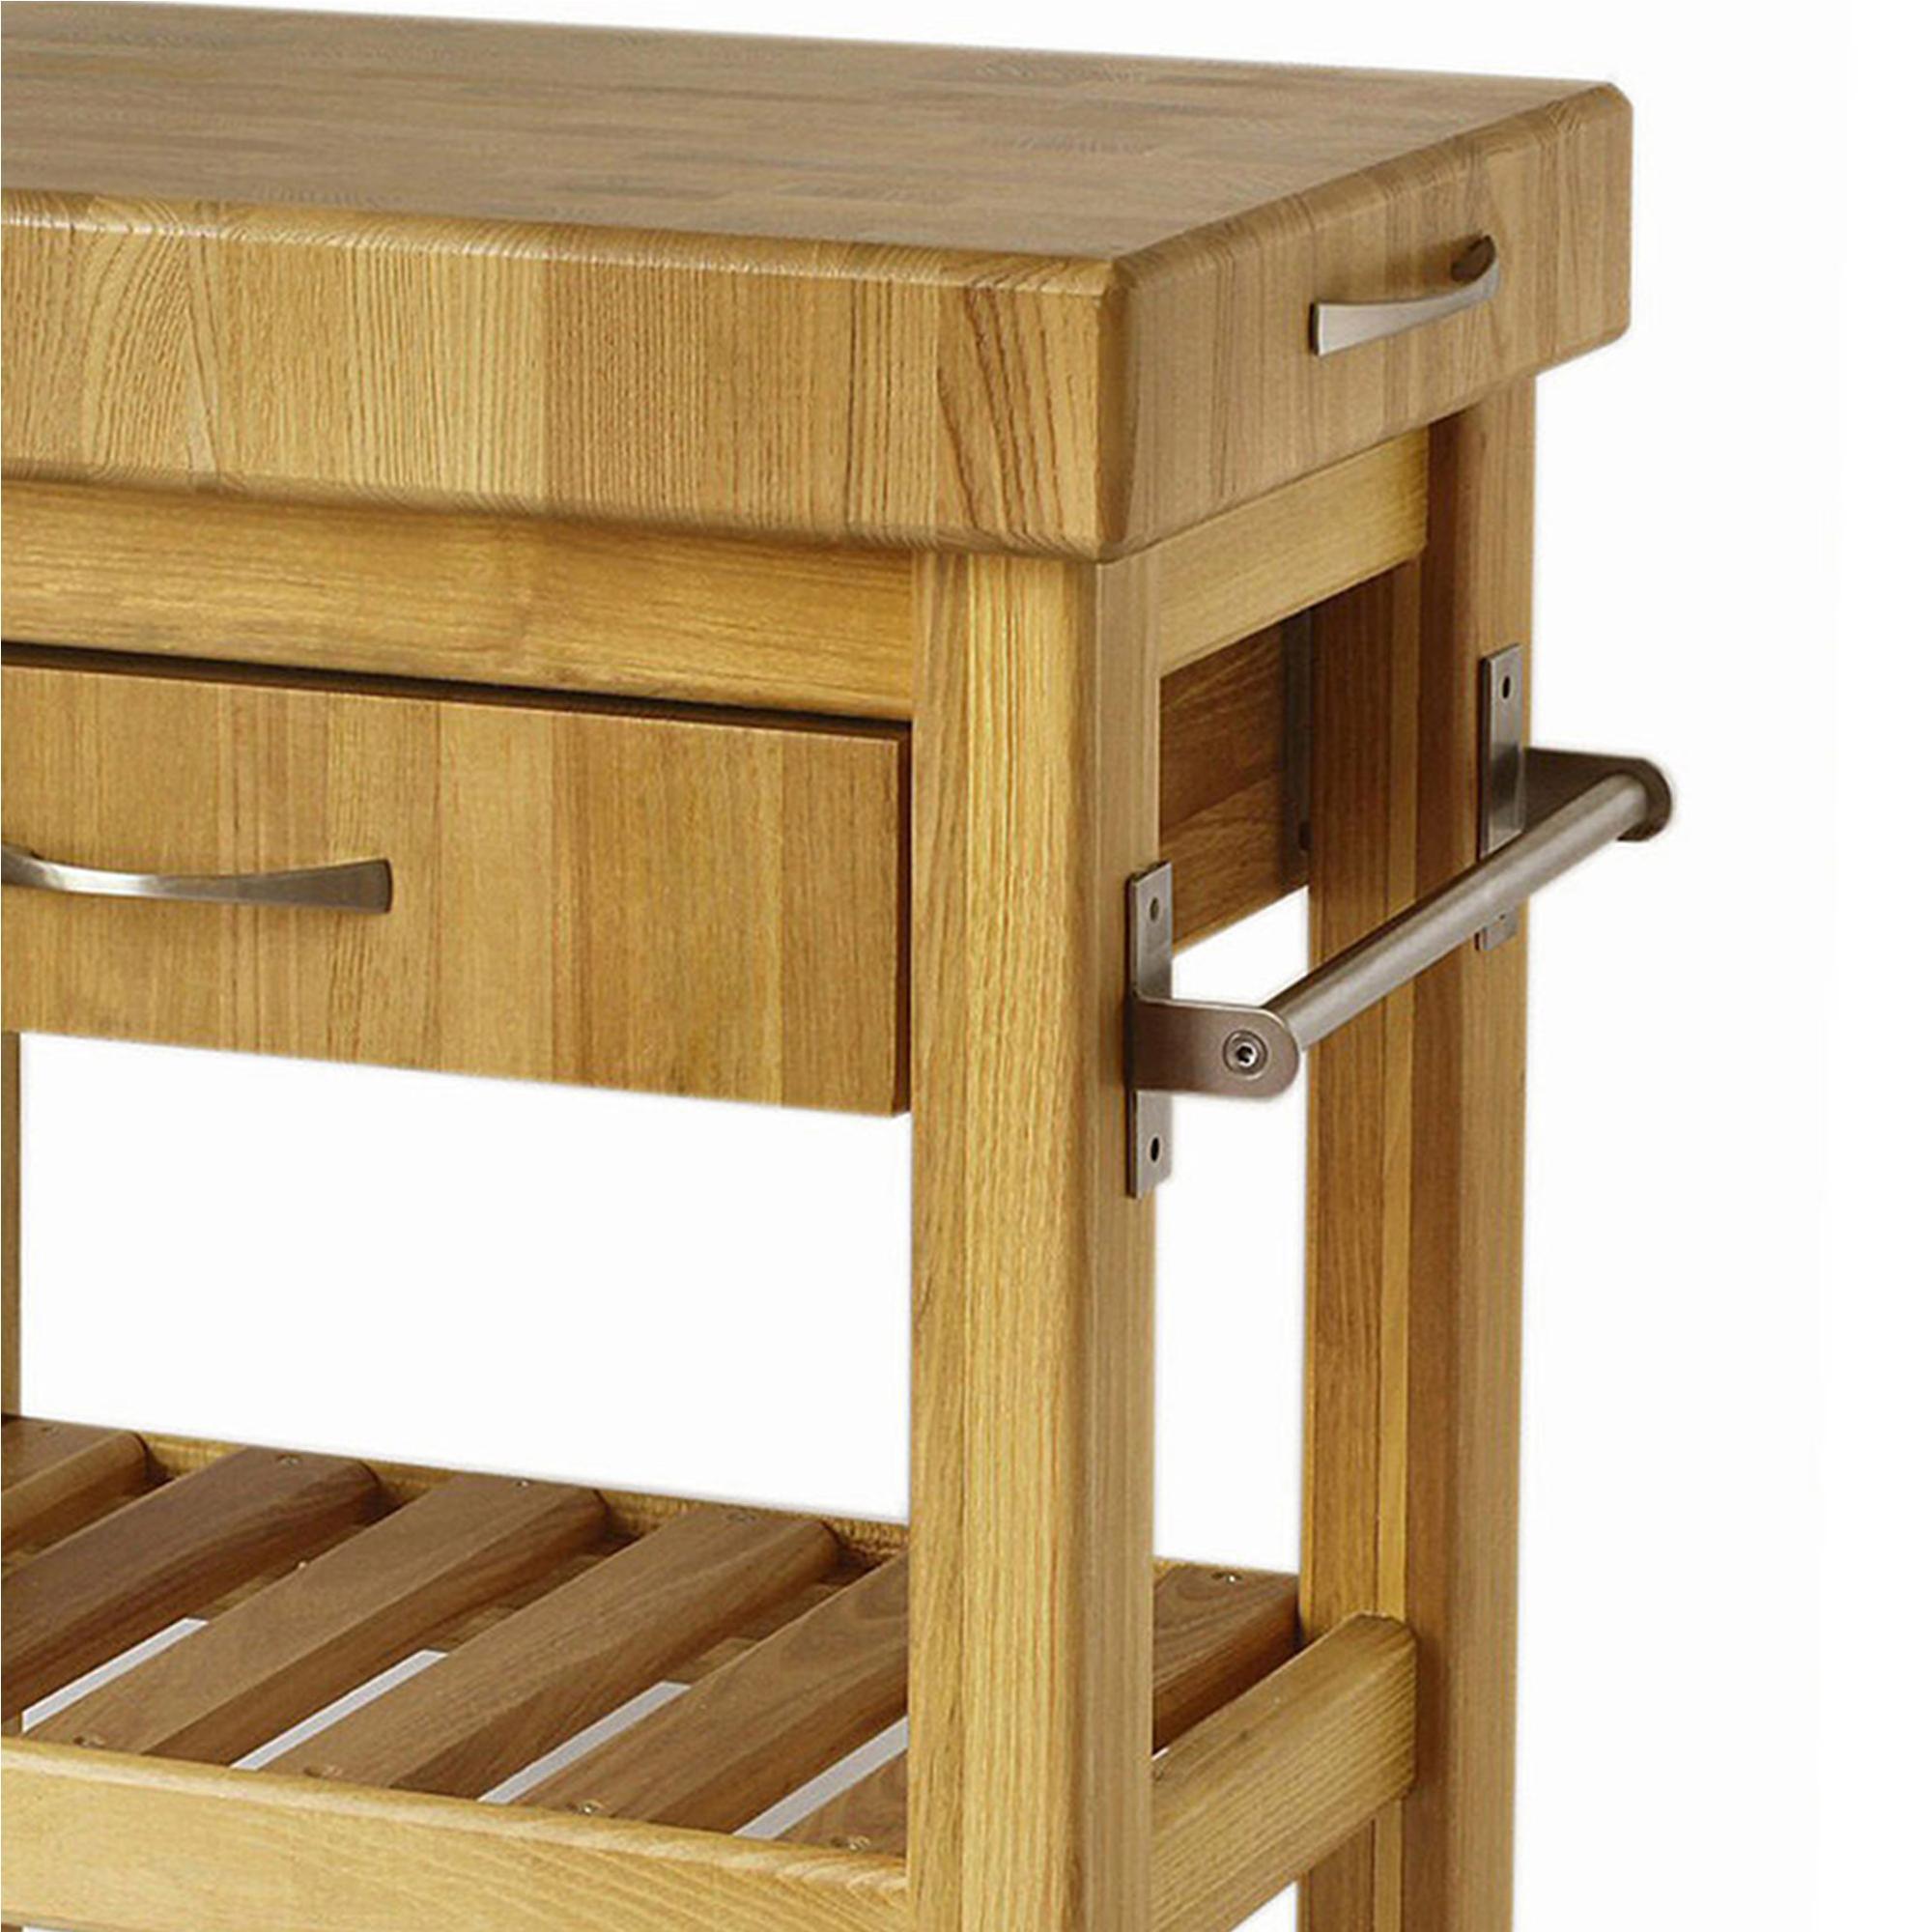 Tagliere Per Piano Cucina carrello da cucina in legno massello con cassetto 60x40xh85 cm con tagliere  in legno | spagnoli snc